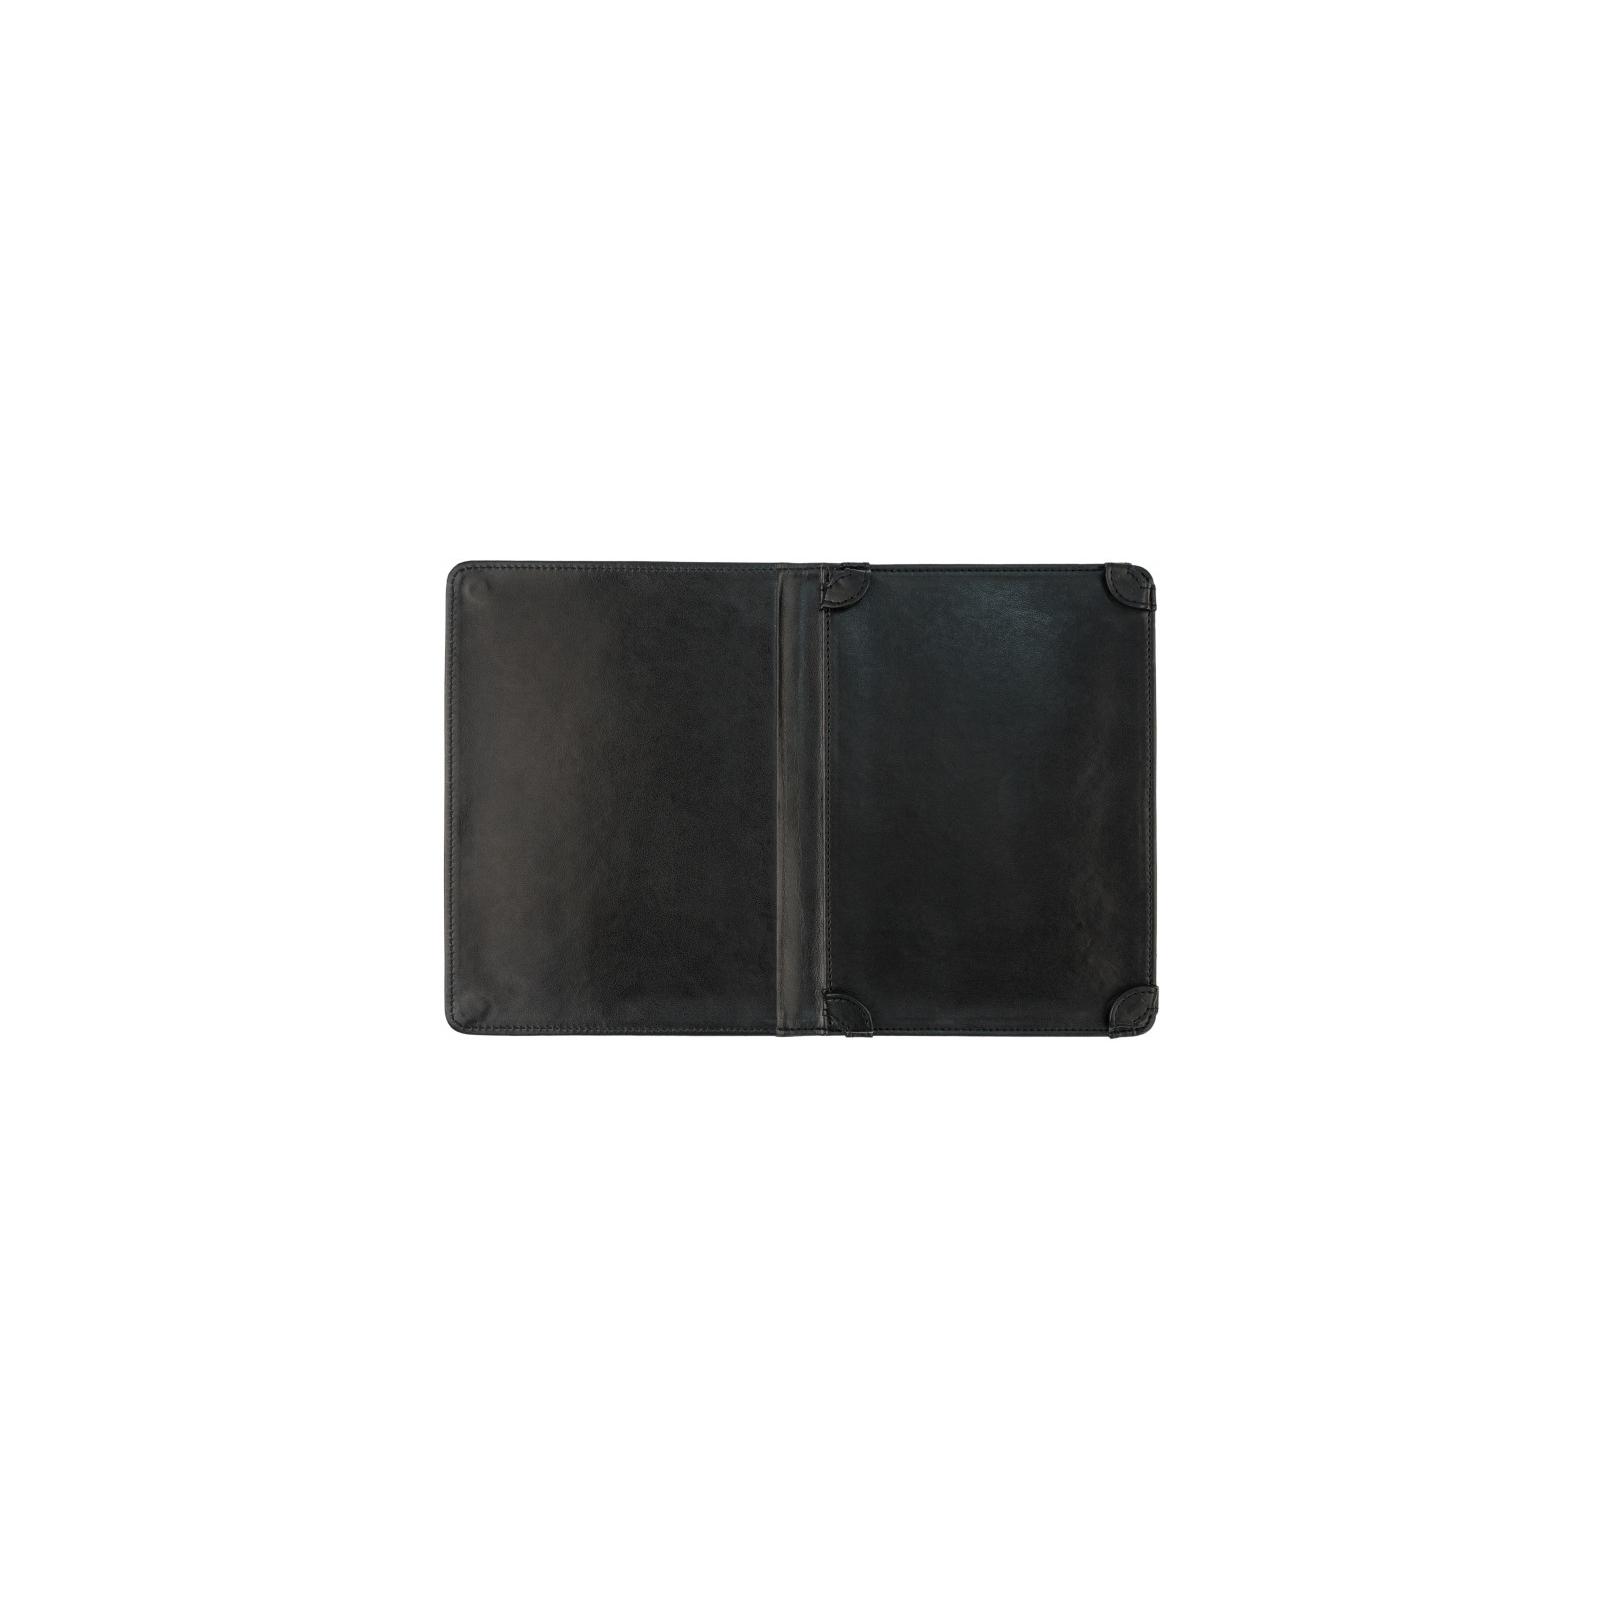 """Чехол для электронной книги Pocketbook 7.8"""" для PB740 blue (VLPB-TB740MBLU1) изображение 4"""